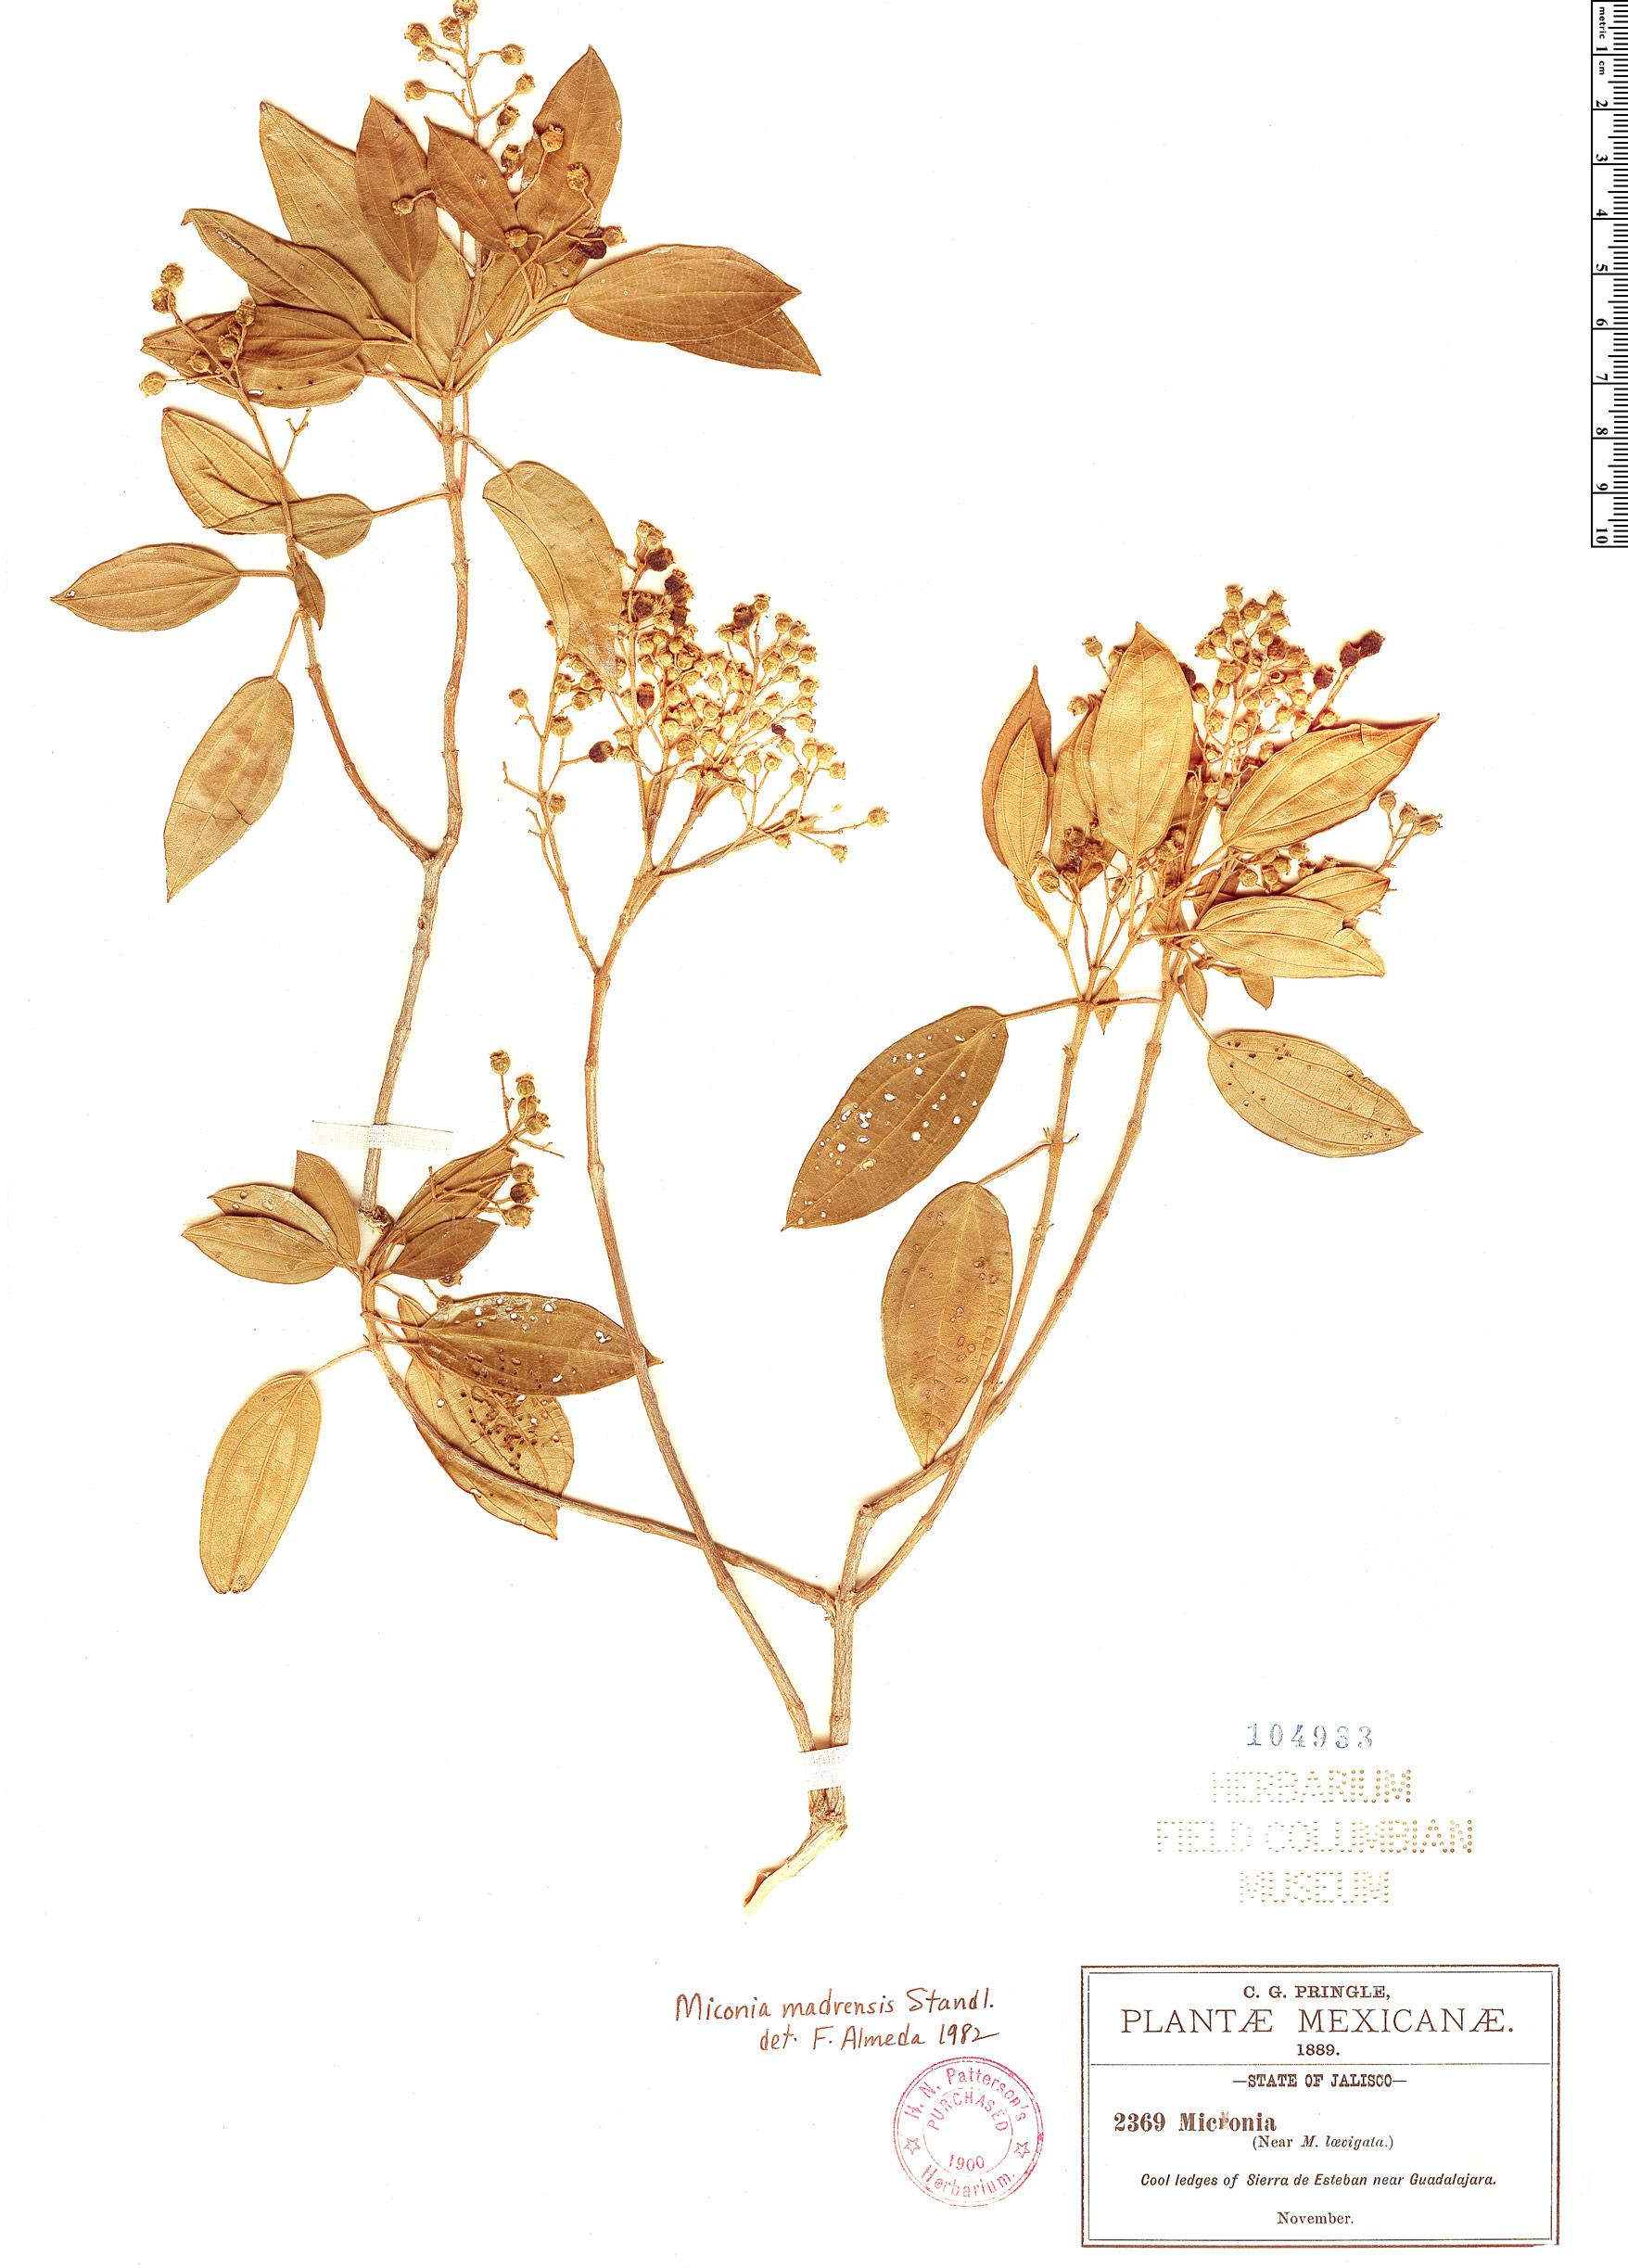 Specimen: Miconia madrensis